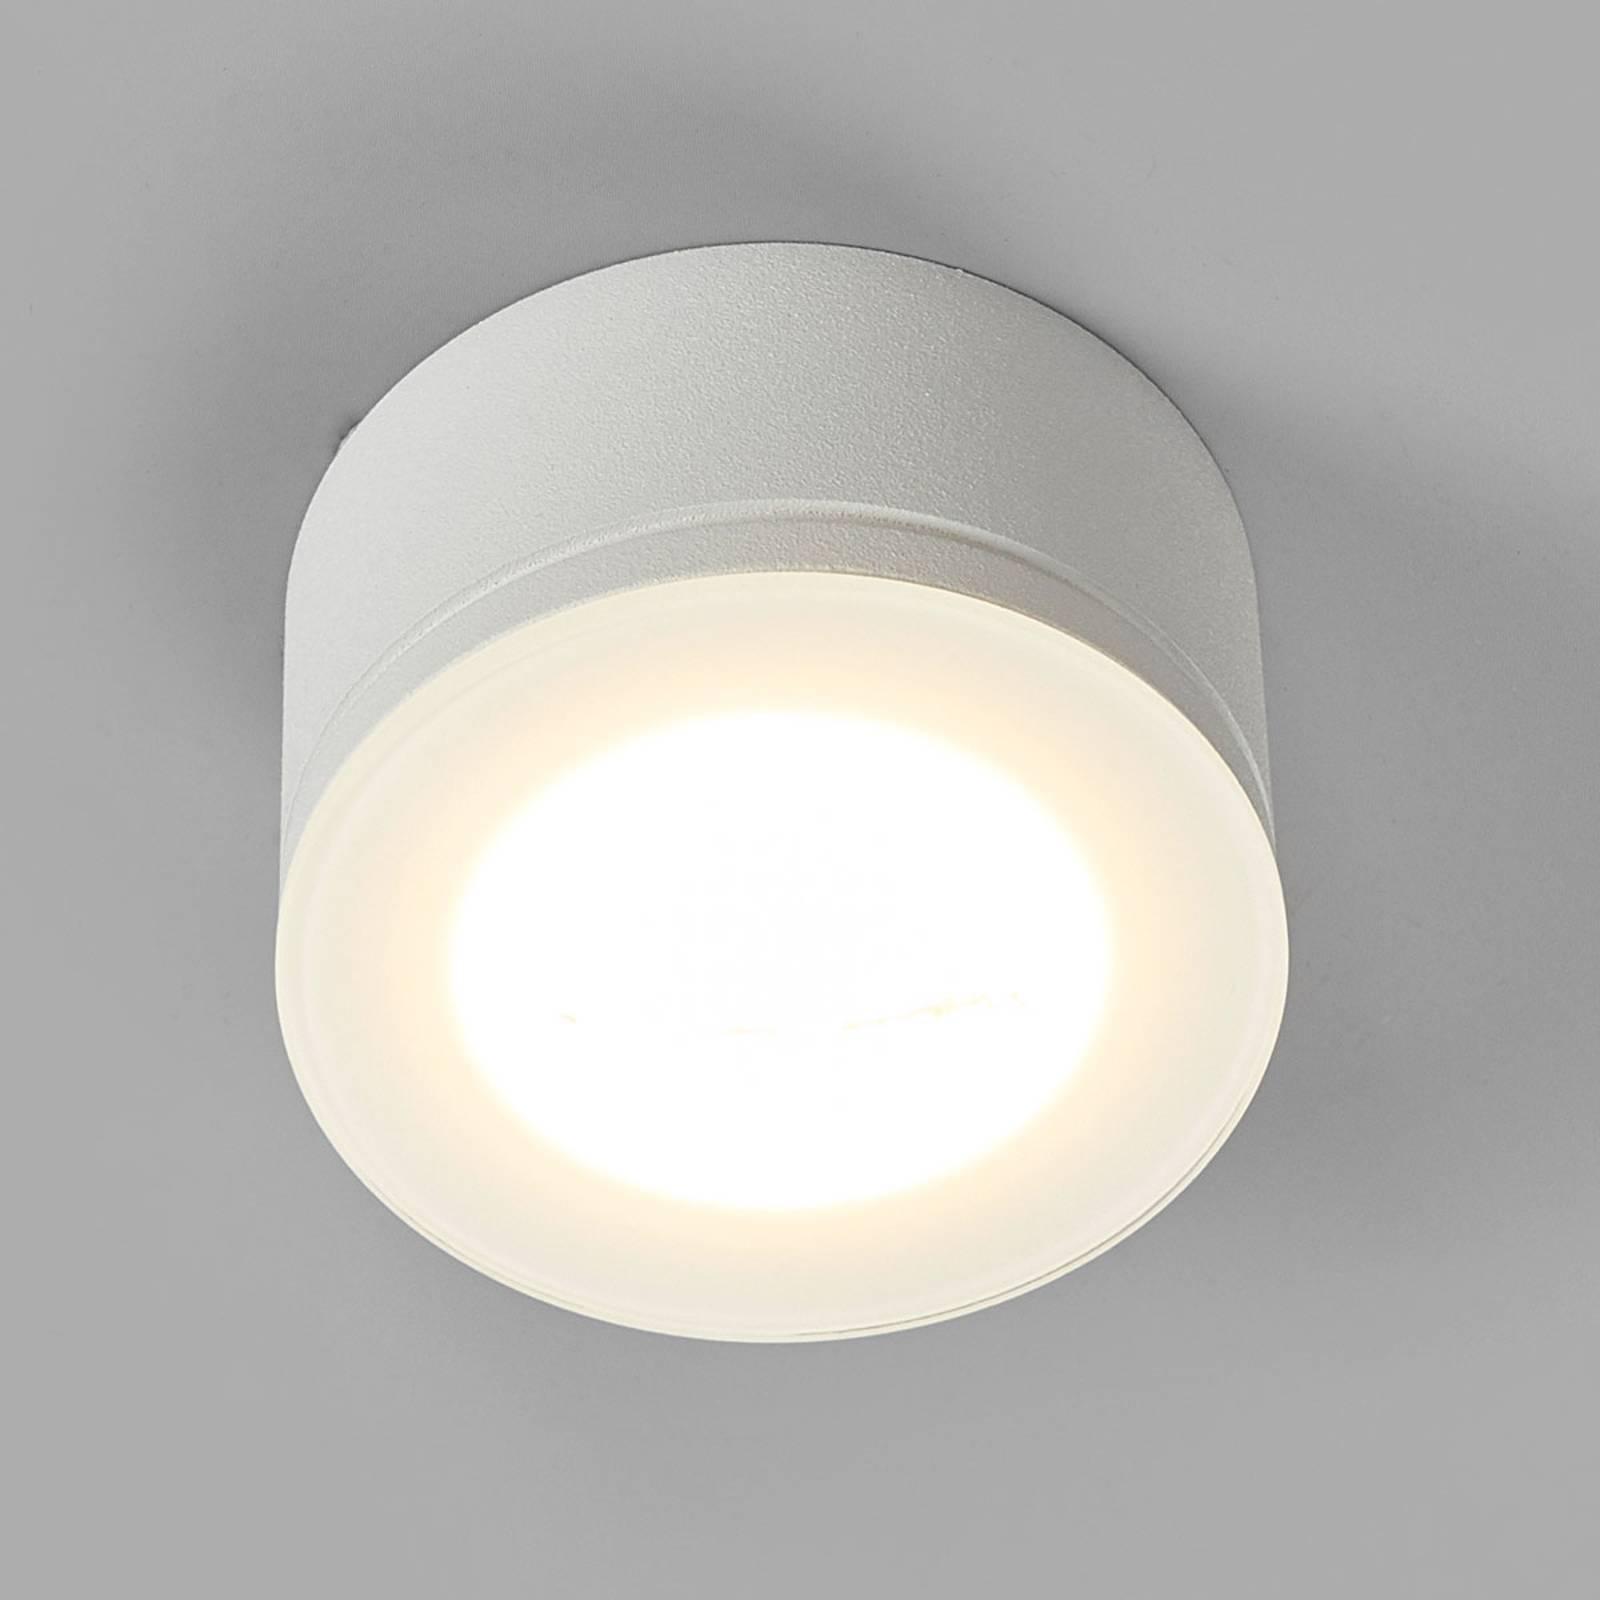 Ulos ja sisälle - LED-kattospotti Newton 35